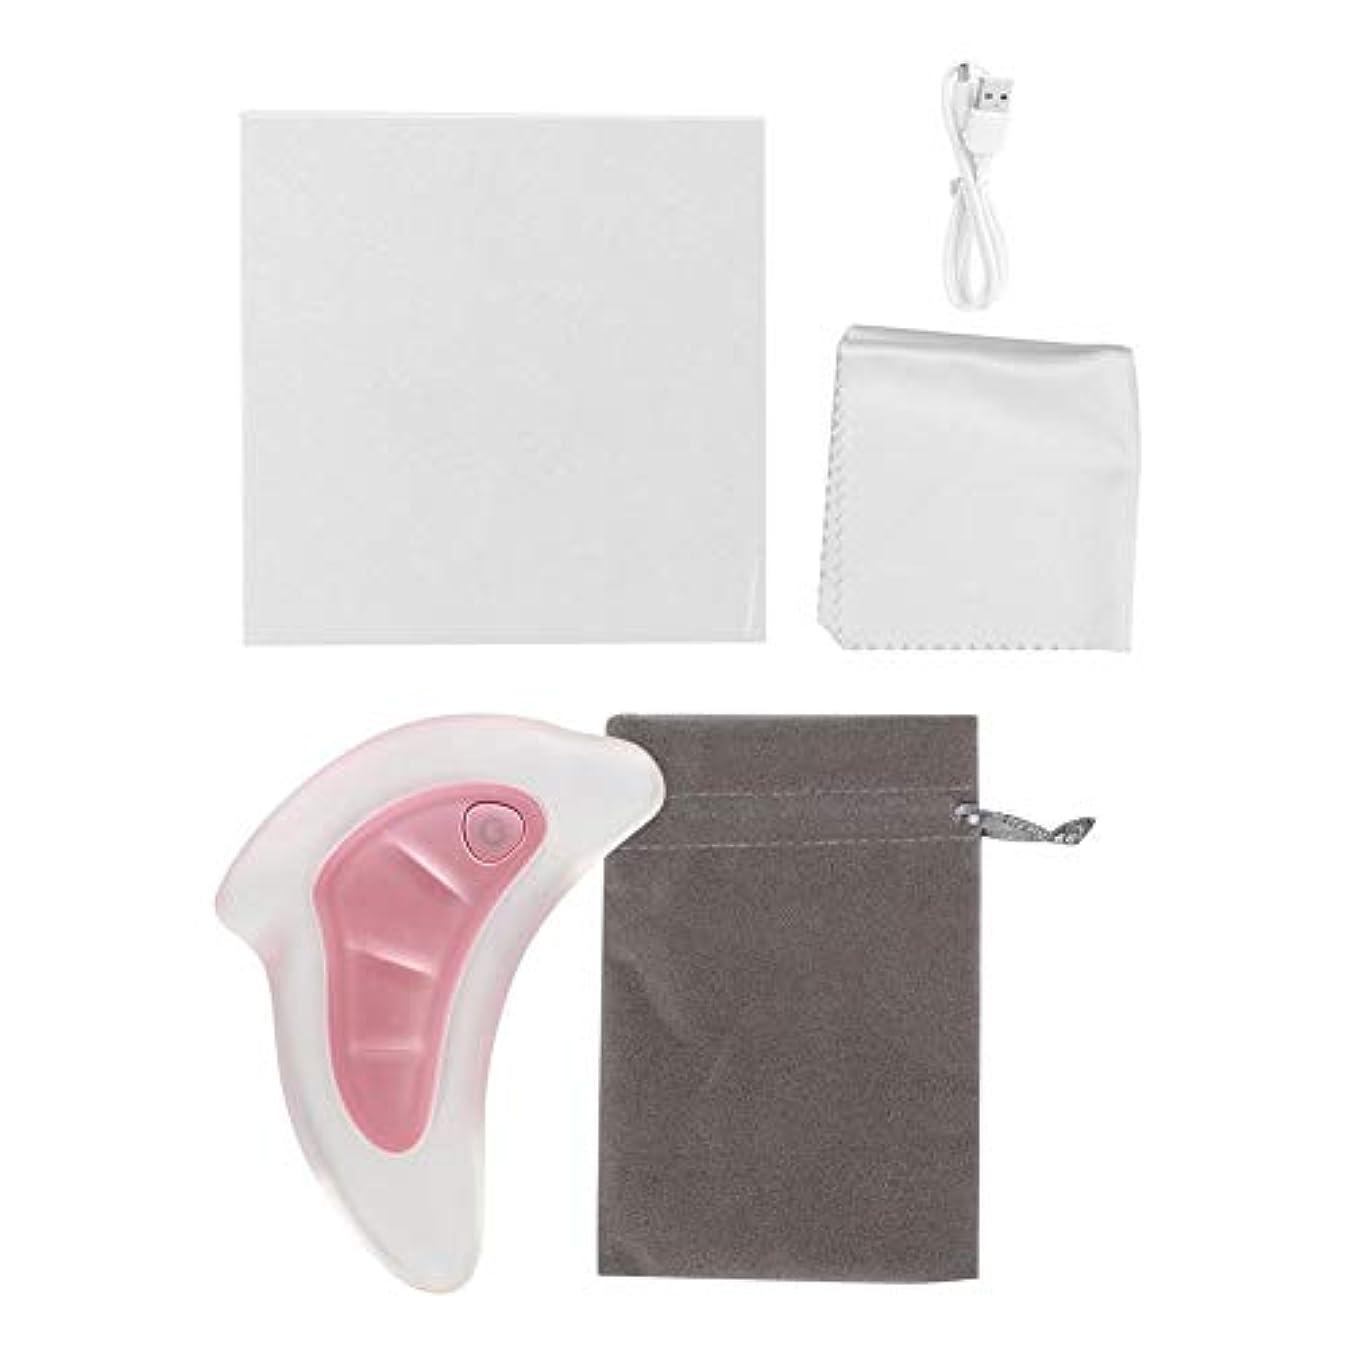 オーストラリア腐敗累計2色スクレーピングマッサージャー - フェイスリフティングスクレーパー、グアシャツール - アンチエイジング、アンチリンクルマッサージ&フェイシャルグアシャ、カラフルなライトを廃棄するための楽器(ピンク)